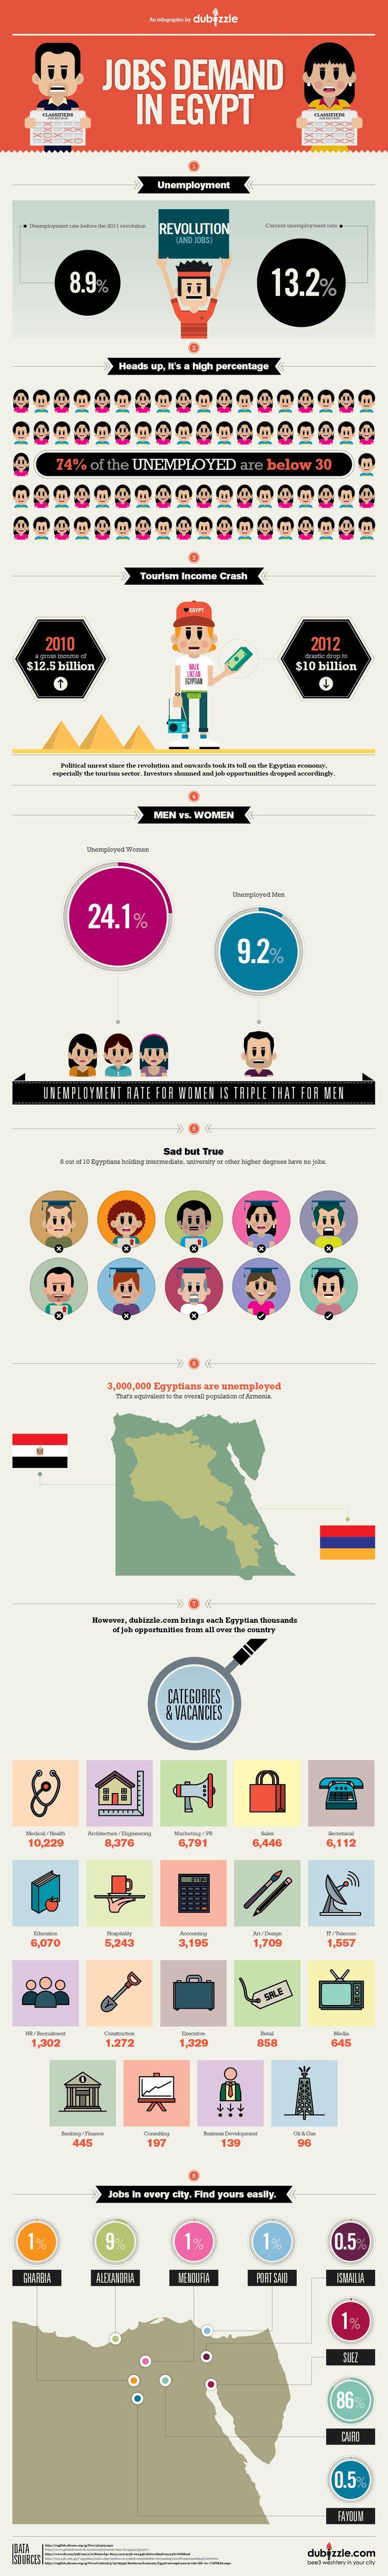 17 best ideas about structural unemployment unemployment job vacancies an infographic by dubizzle